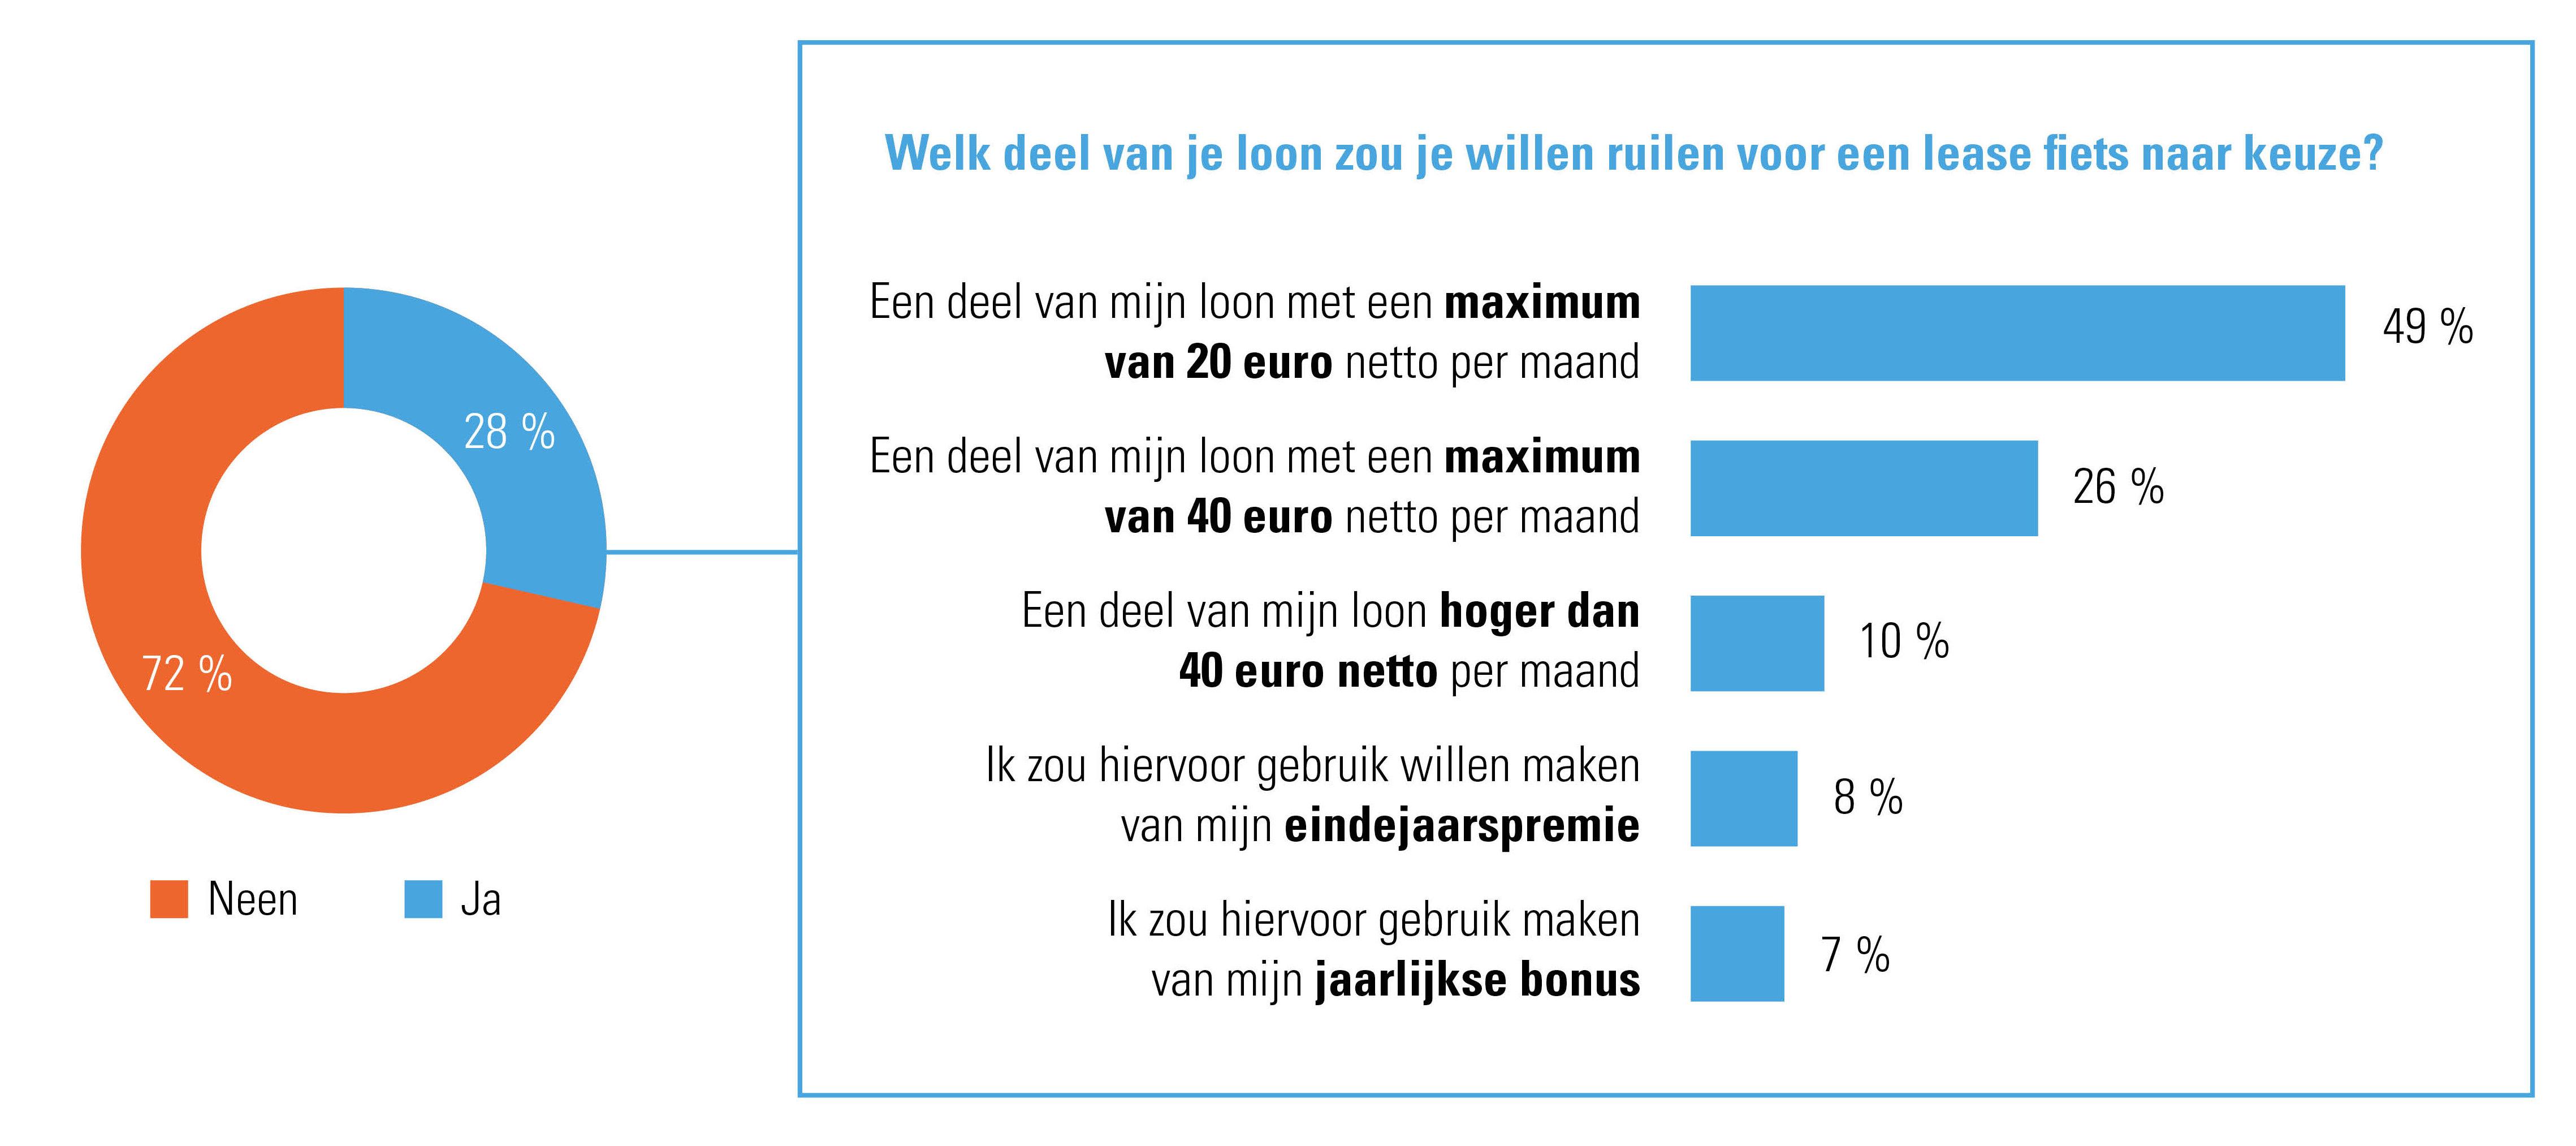 Hebben Belgische werknemers interesse in het leasen van een fiets via de werkgever?